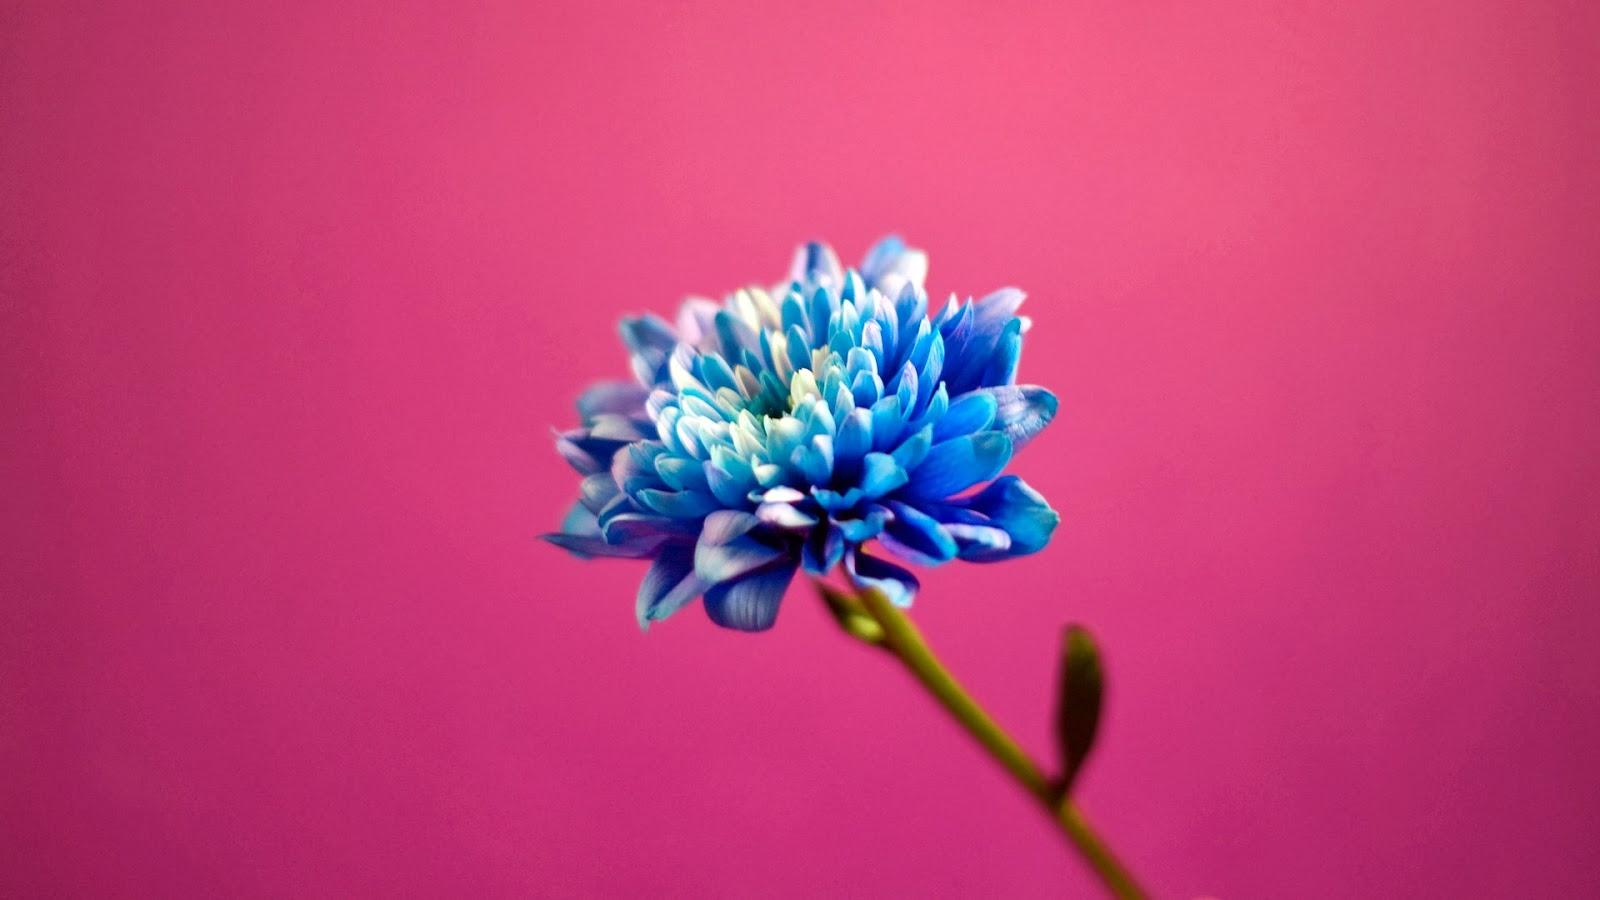 Mujeres Música Katy Perry Cabello Azul Desgaste Cantantes: Flor Azul Fondo Rosado